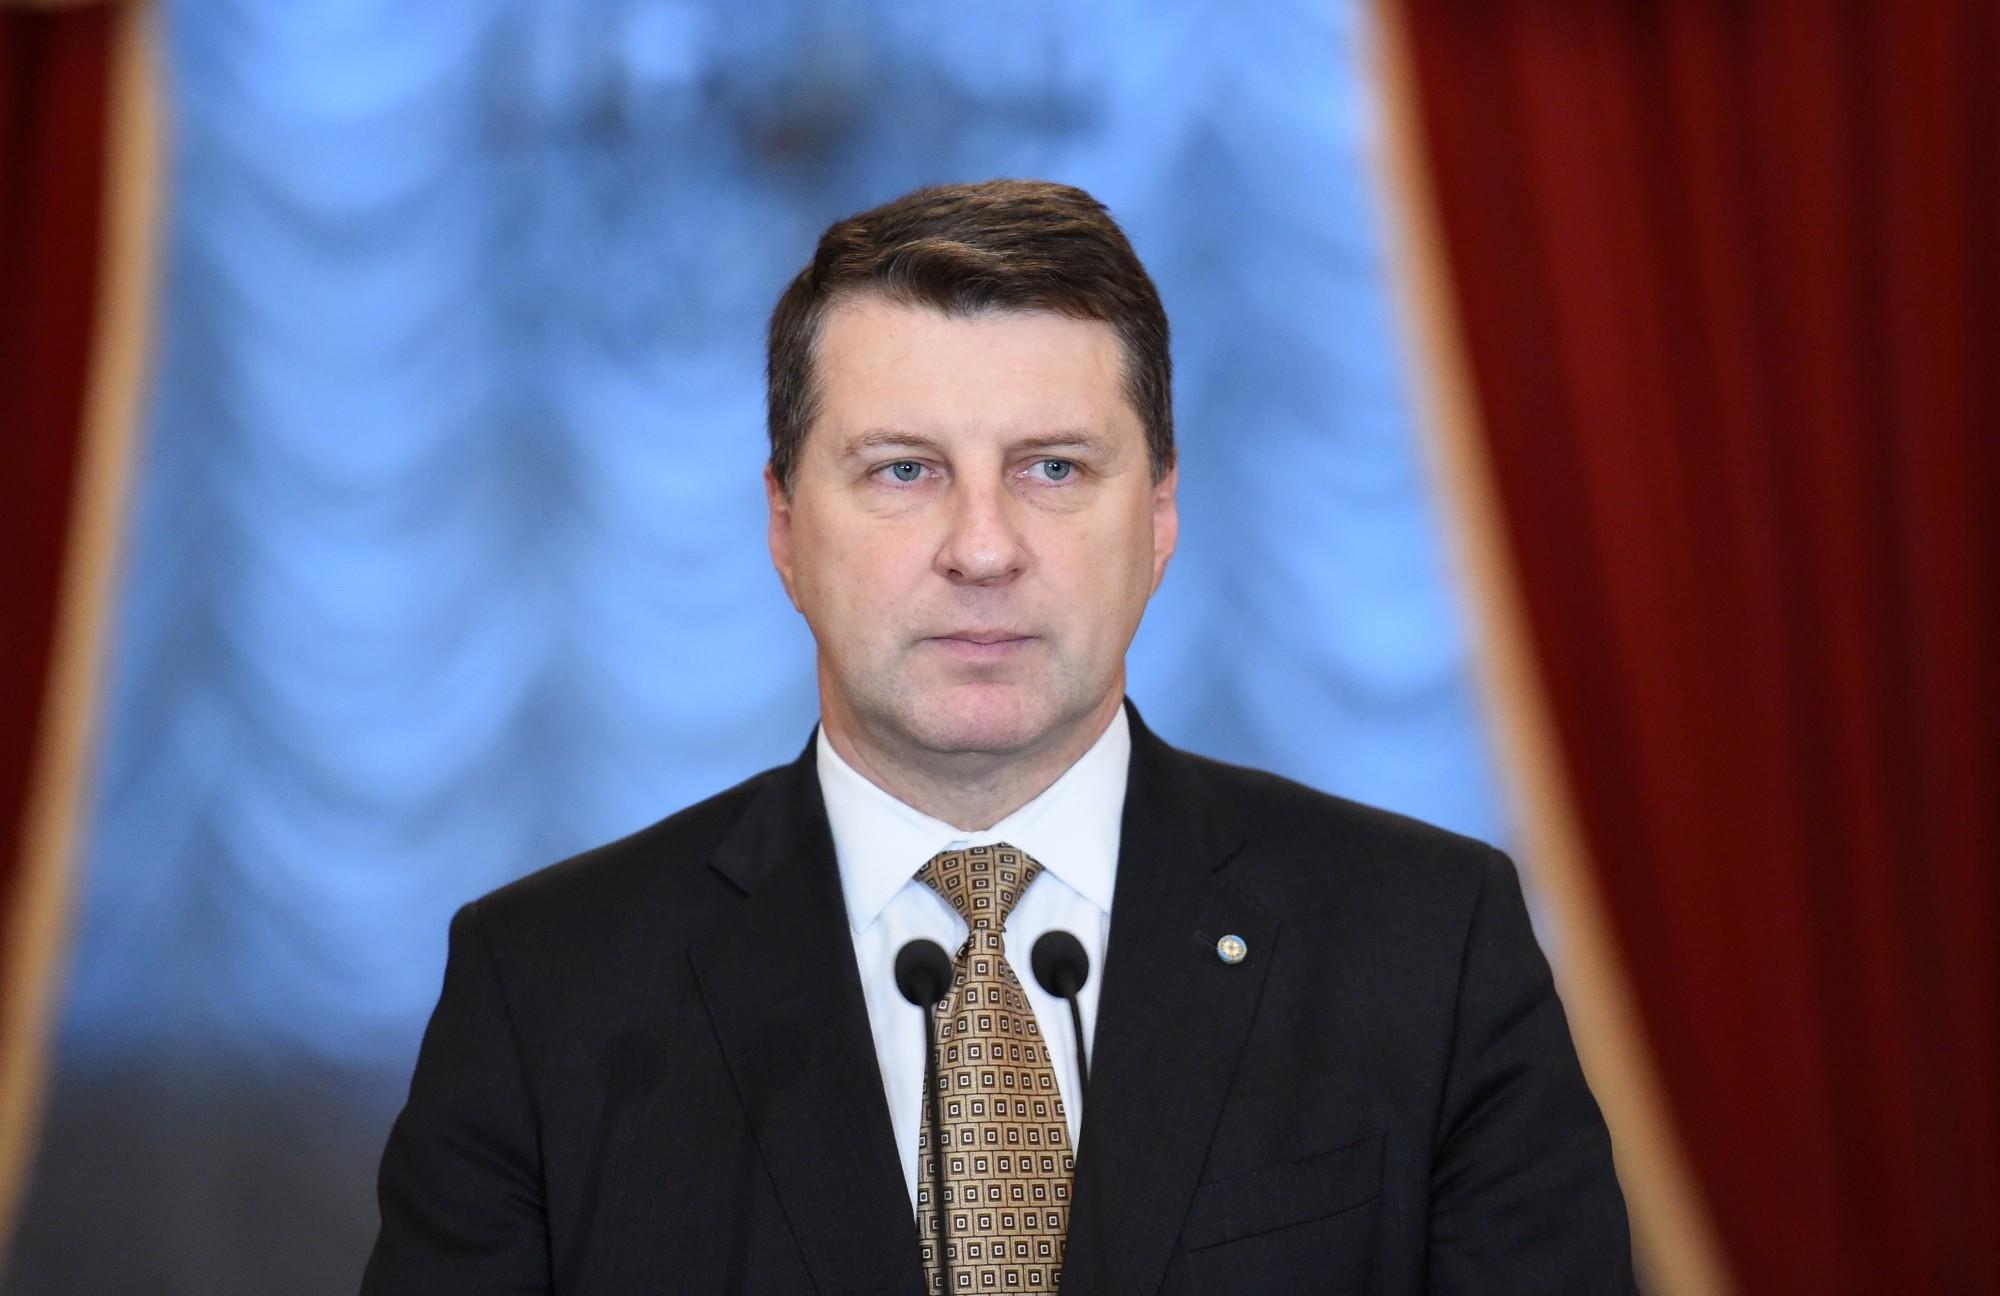 Вейонис призывает депутатов Сейма отказаться от борьбы, споров и политики, которая служит интересам узких групп